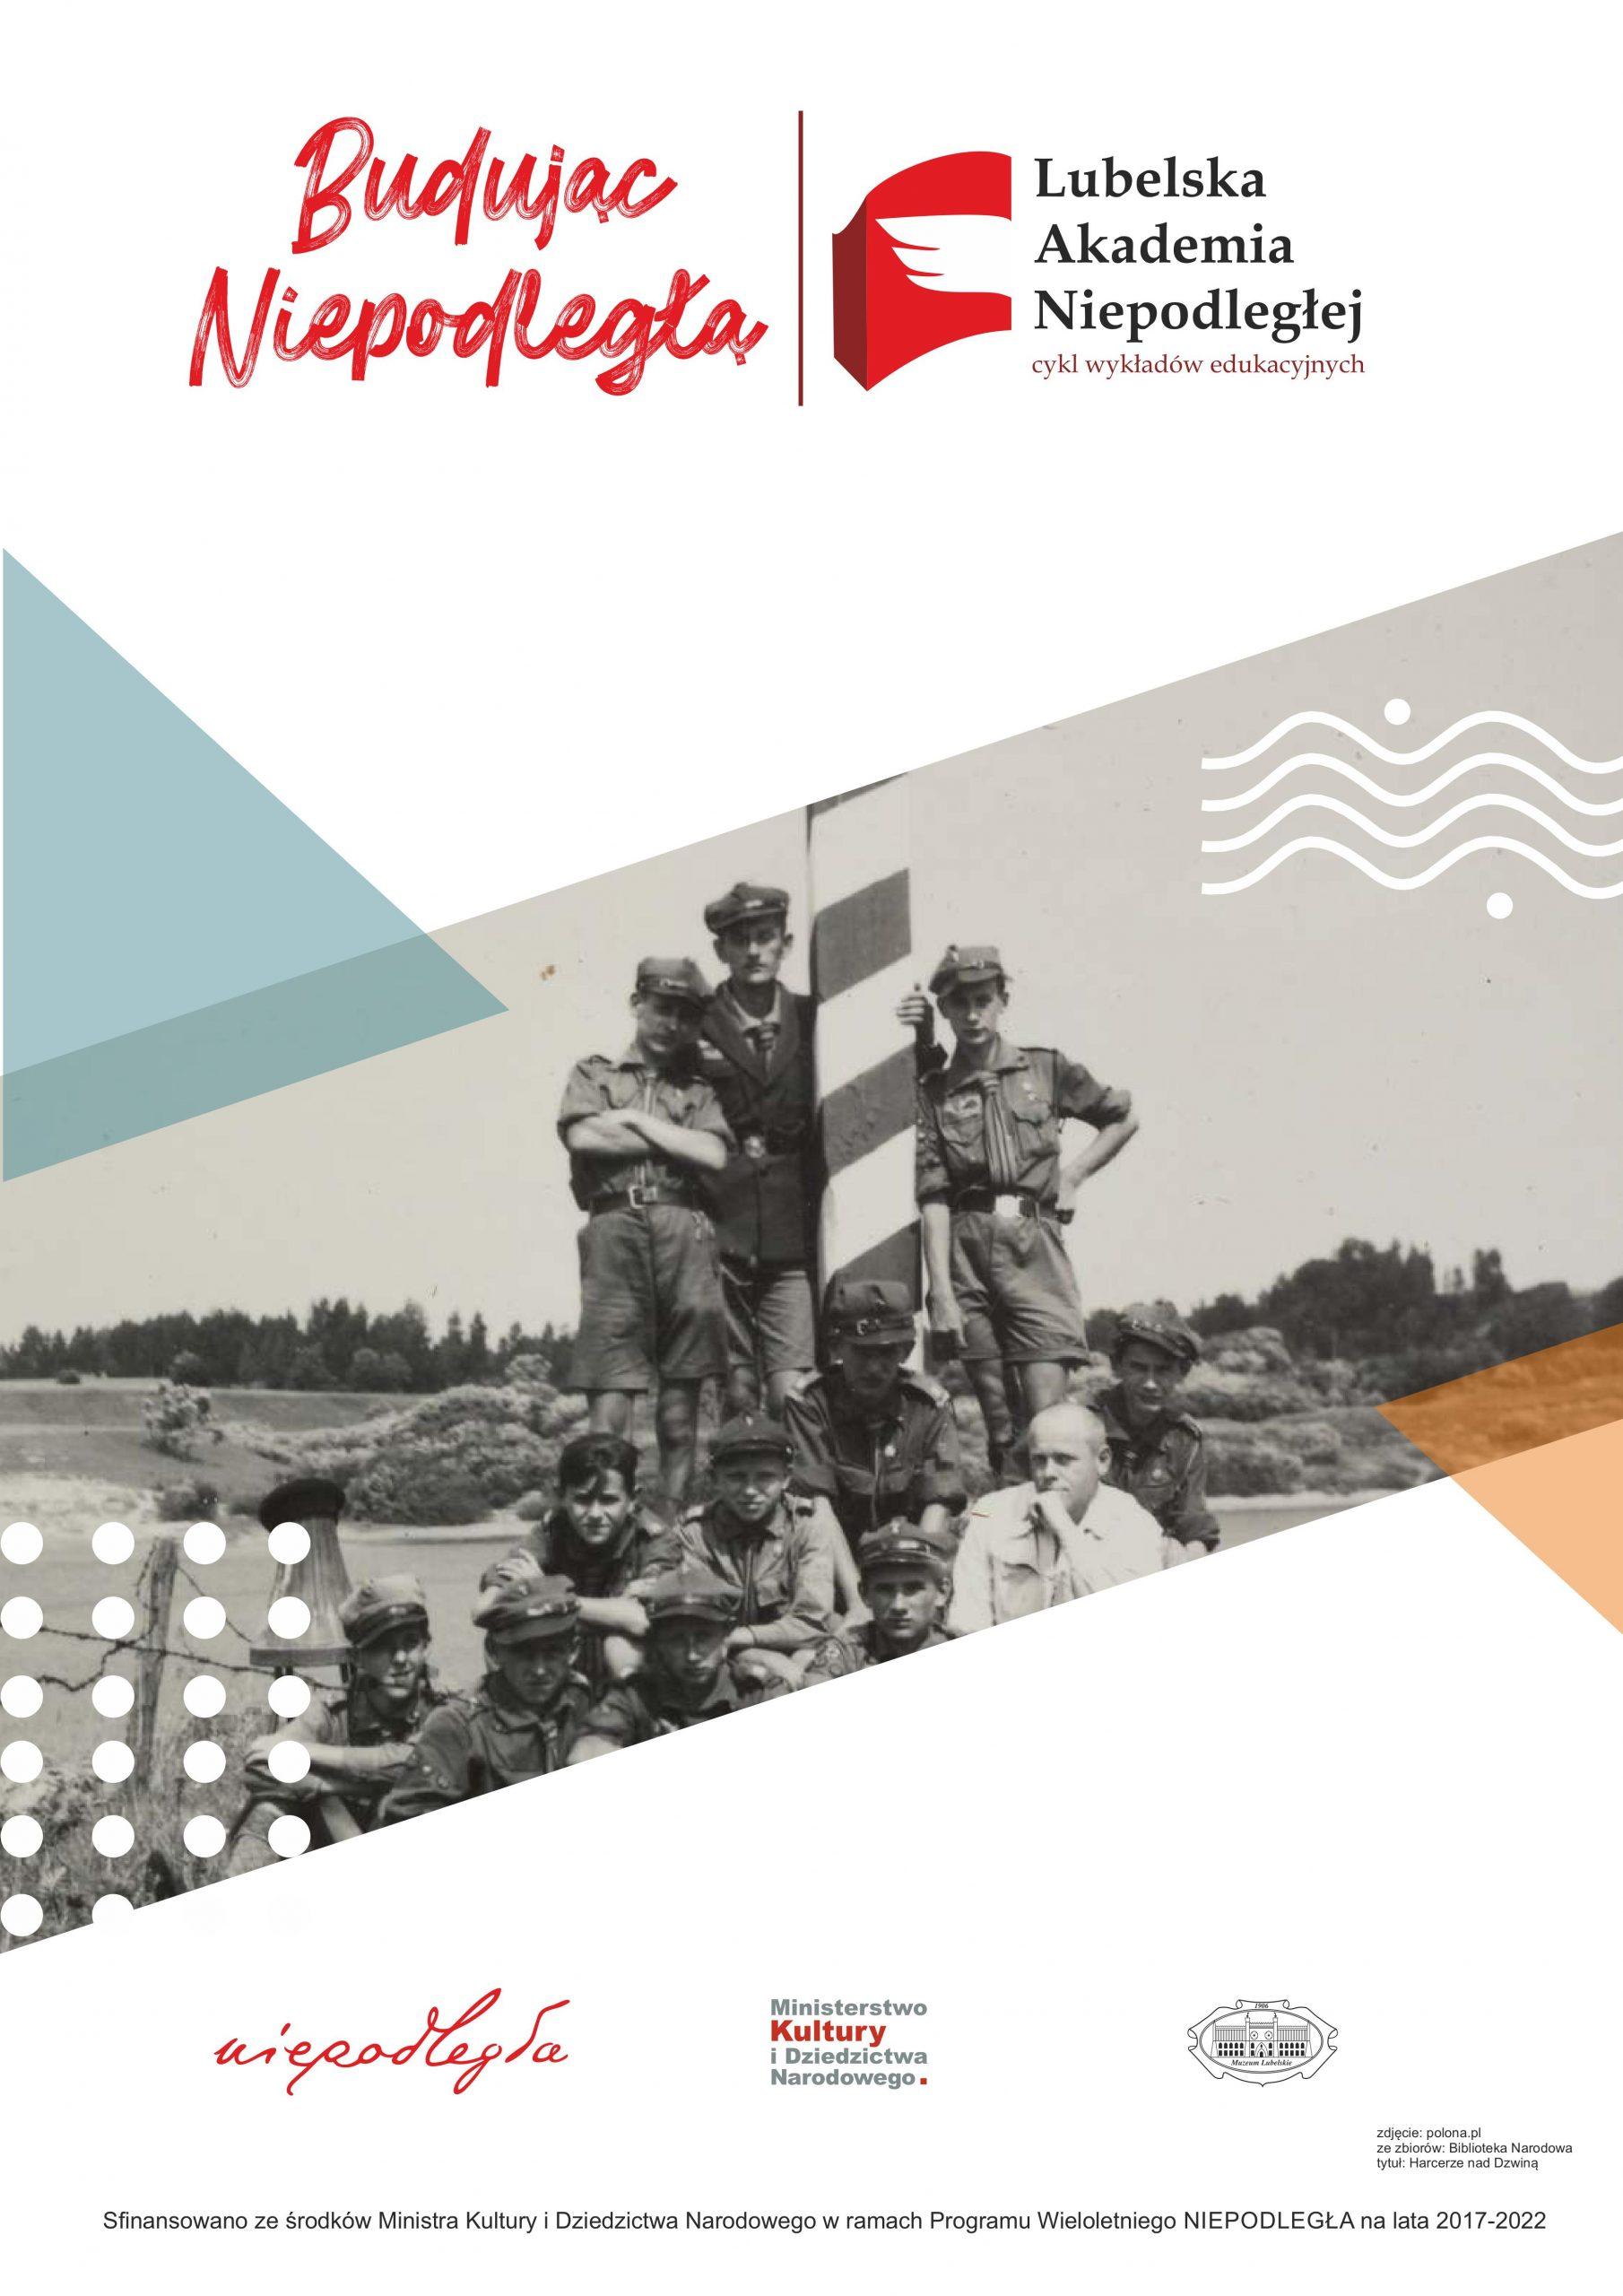 plaat wydarzenia -Pośrodku grupa młodych harcerzy, którzy pozują do zdjęcia przy polskim słupie granicznym. Na górze tytuł projektu: Budując Niepodległą. Lubelska Akademia Niepodległej. Na dole loga organizatorów.